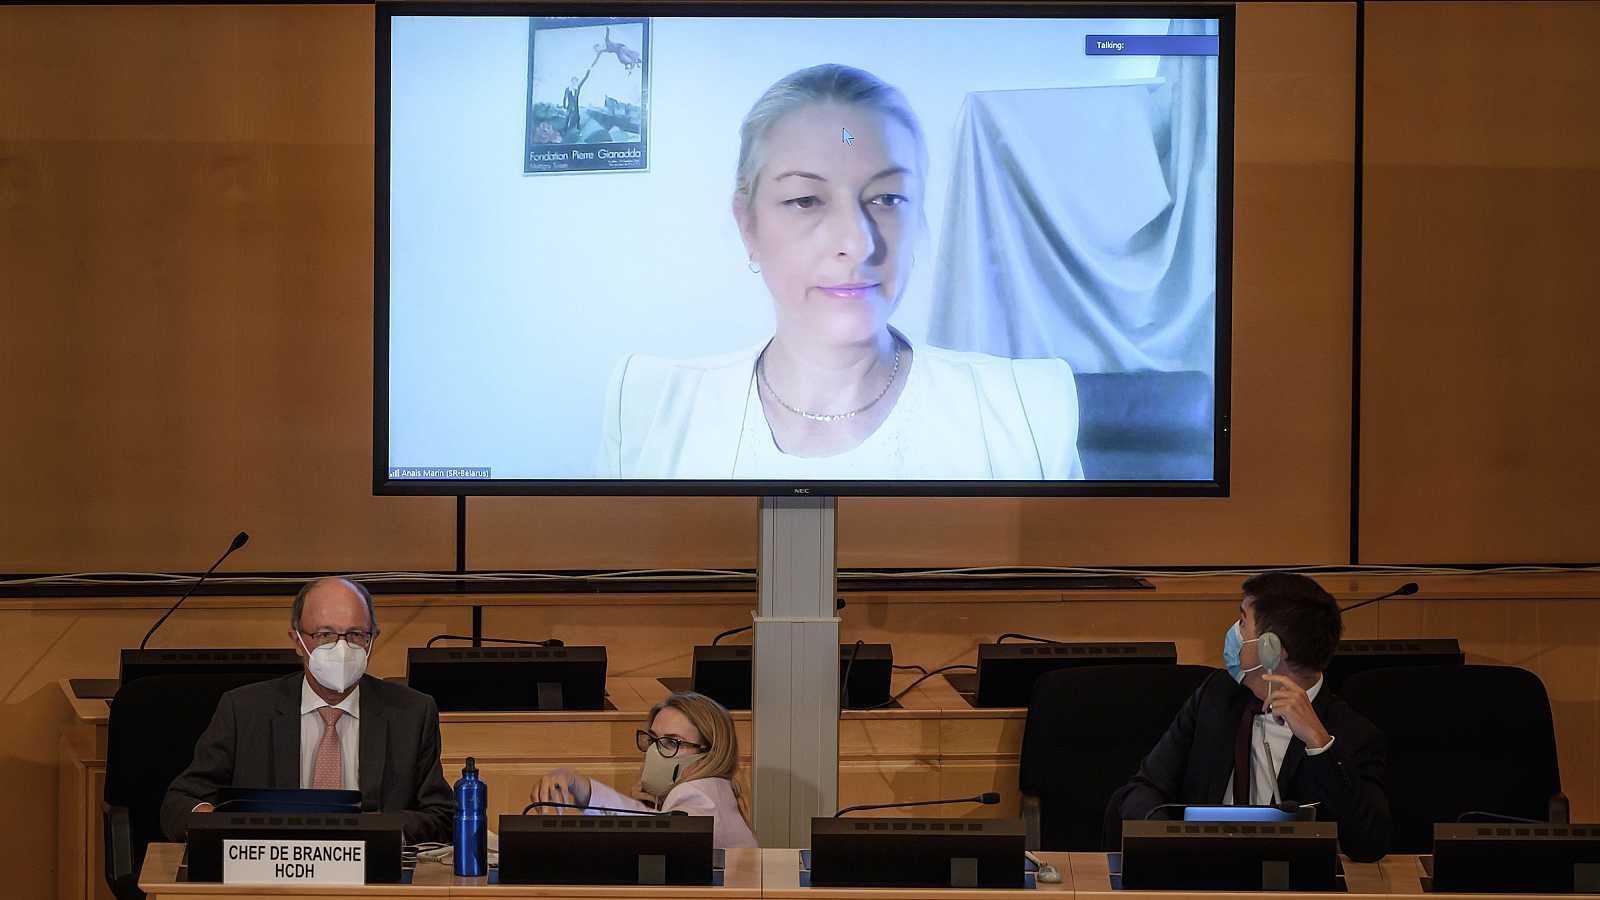 La relatora especial de la ONU sobre la situación de los derechos humanos en Bielorrusia, Anais Marin, habla a través de un mensaje de video durante una reunión del Consejo de Derechos Humanos de las Naciones Unidas sobre denuncias de tortura y otras